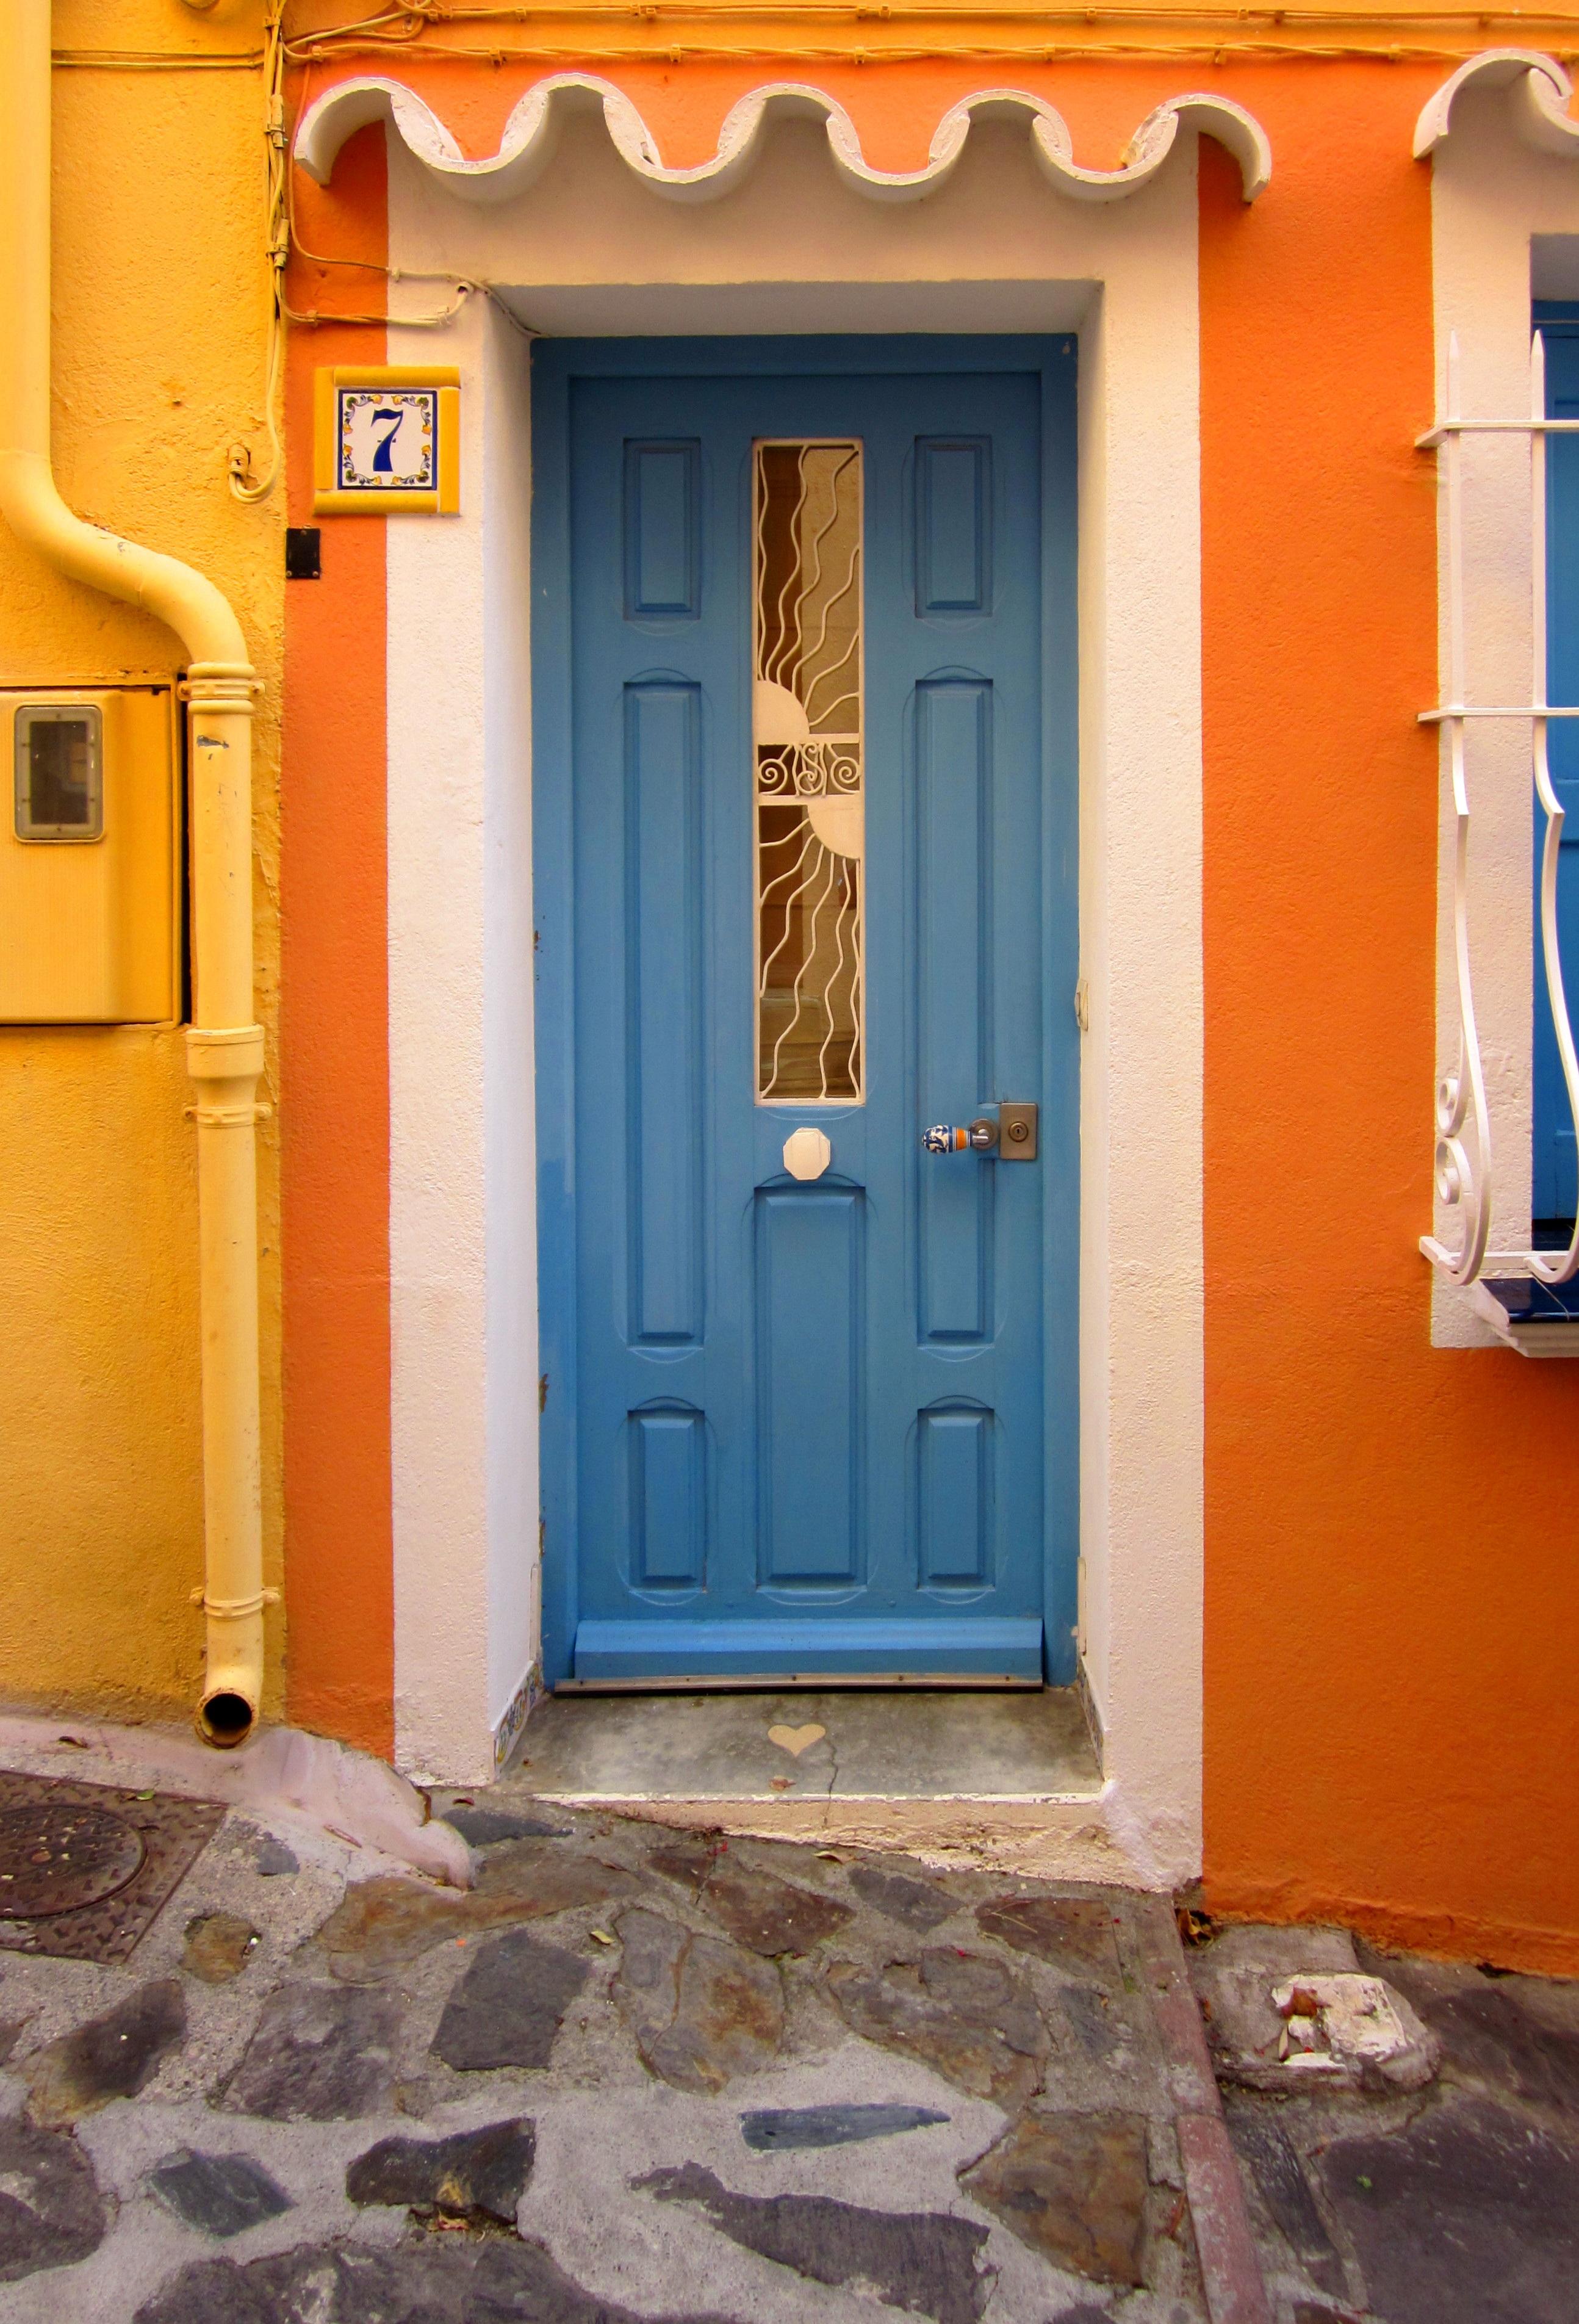 Porta Finestra Ingresso Casa immagini belle : legna, casa, finestra, francia, ingresso